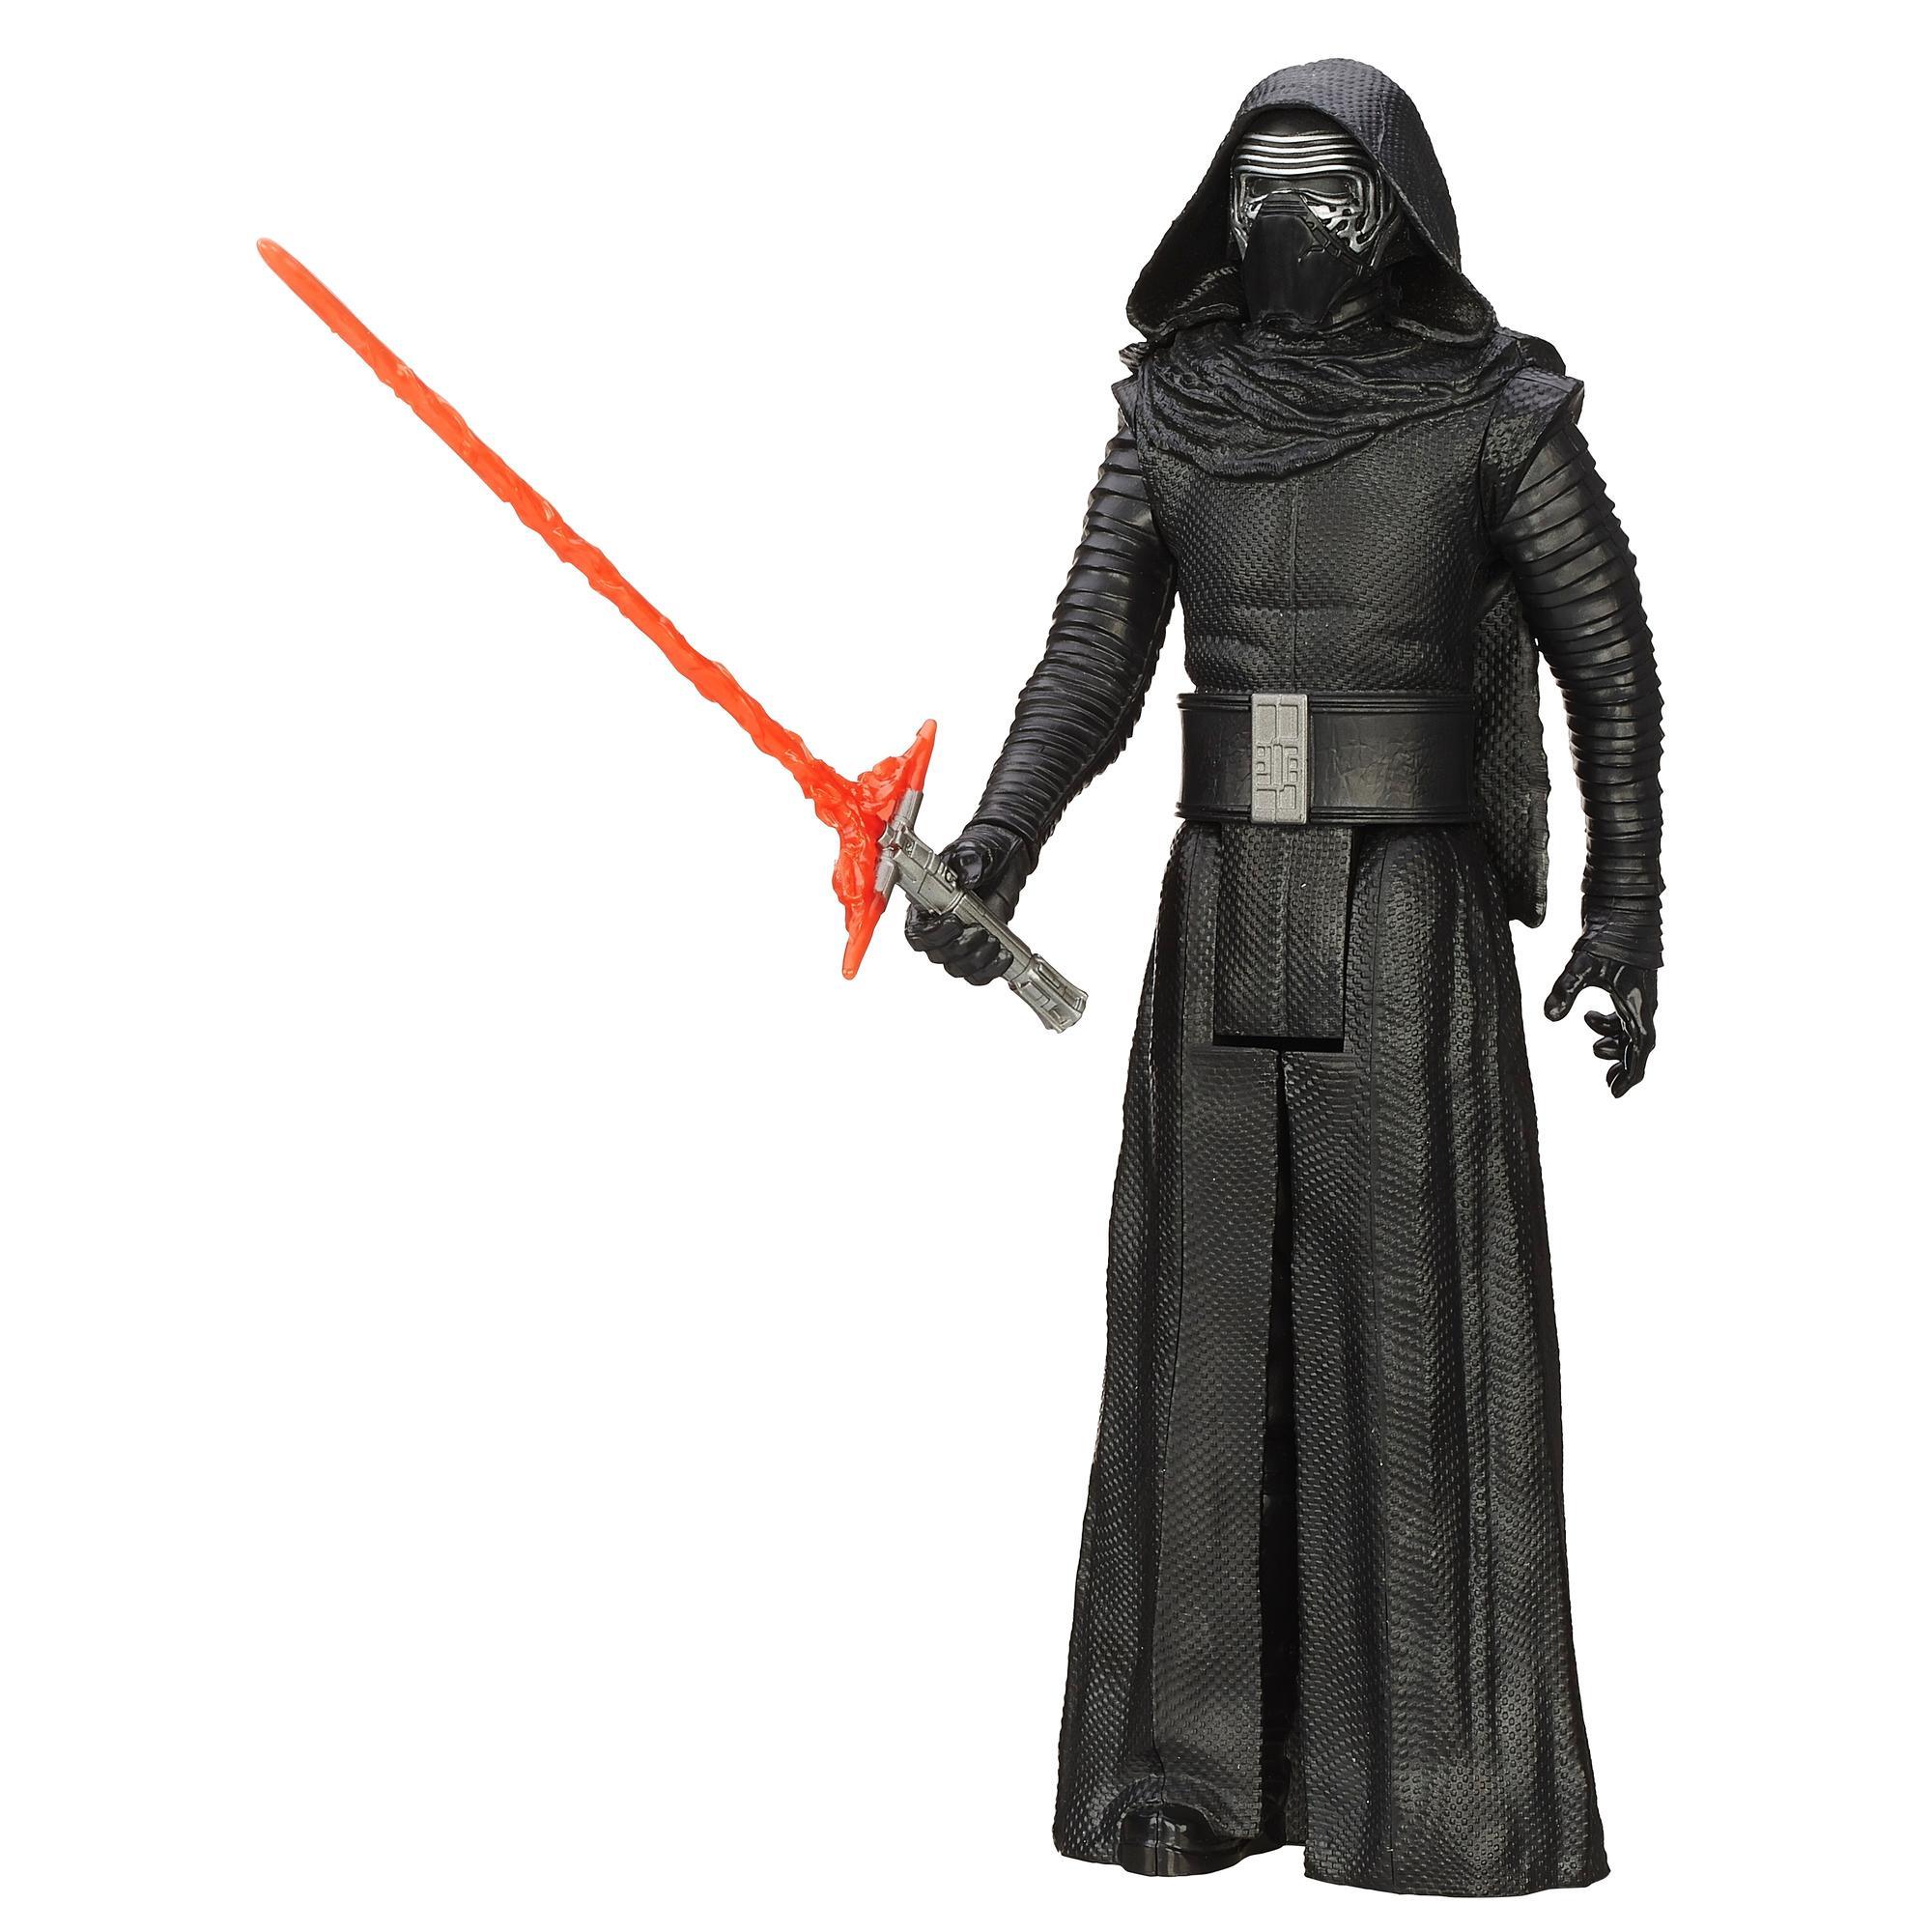 Star Wars The Force Awakens Kylo Ren de 30 cm (12 in)